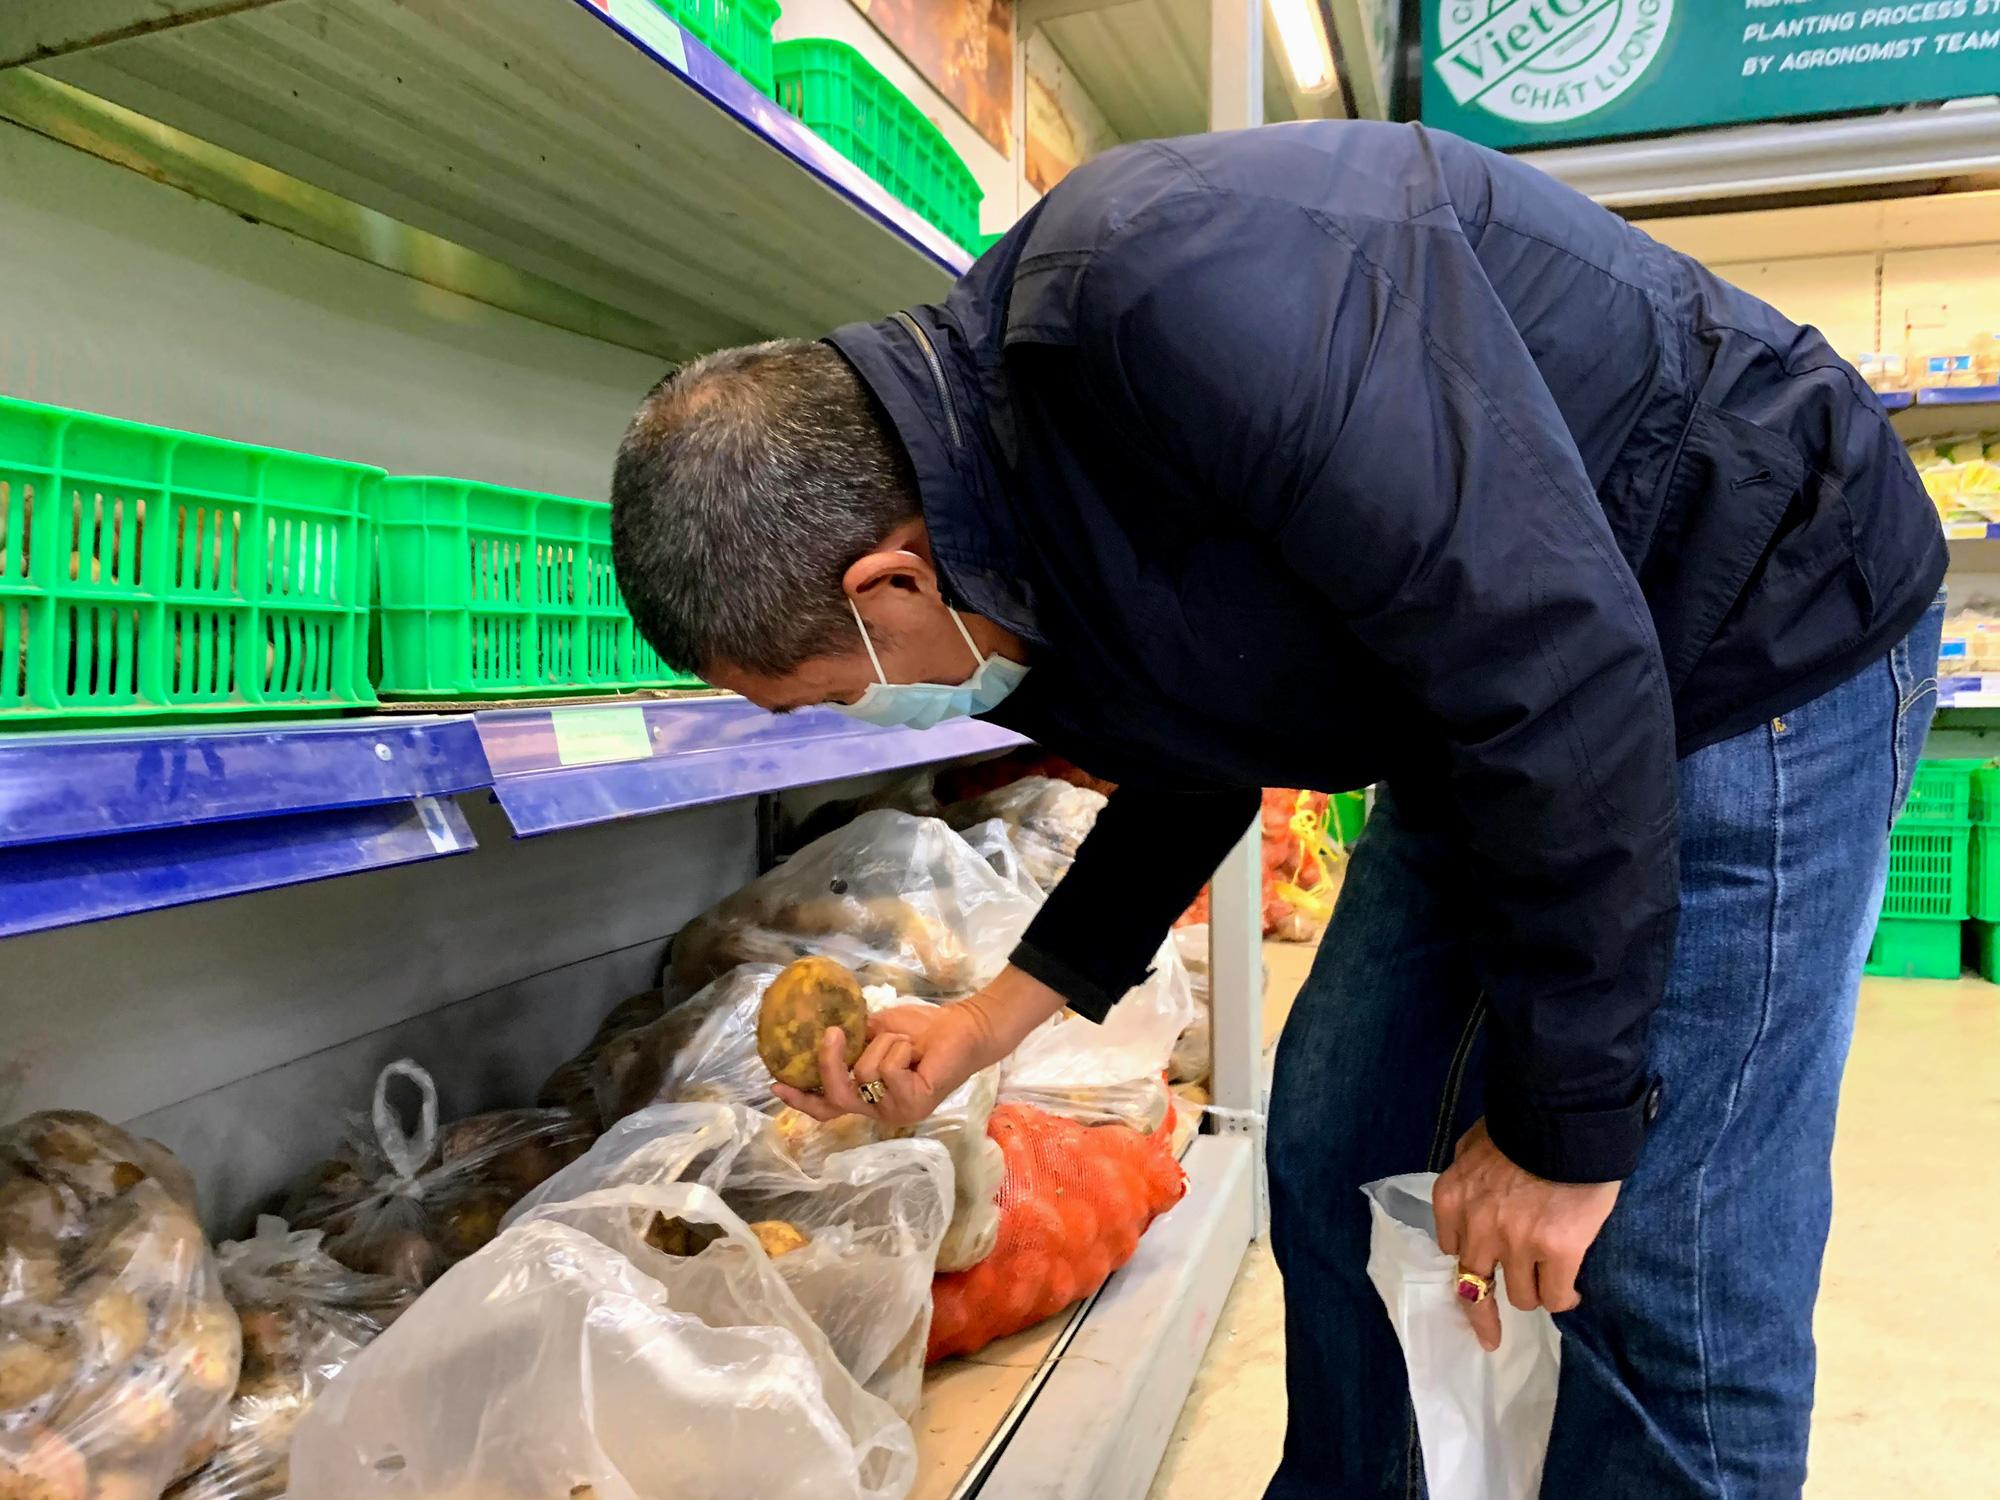 17 người nhiễm Covid - 19 được chữa khỏi, người dân lạc quan quay trở lại mua sắm trong siêu thị, trung tâm thương mại - Ảnh 8.